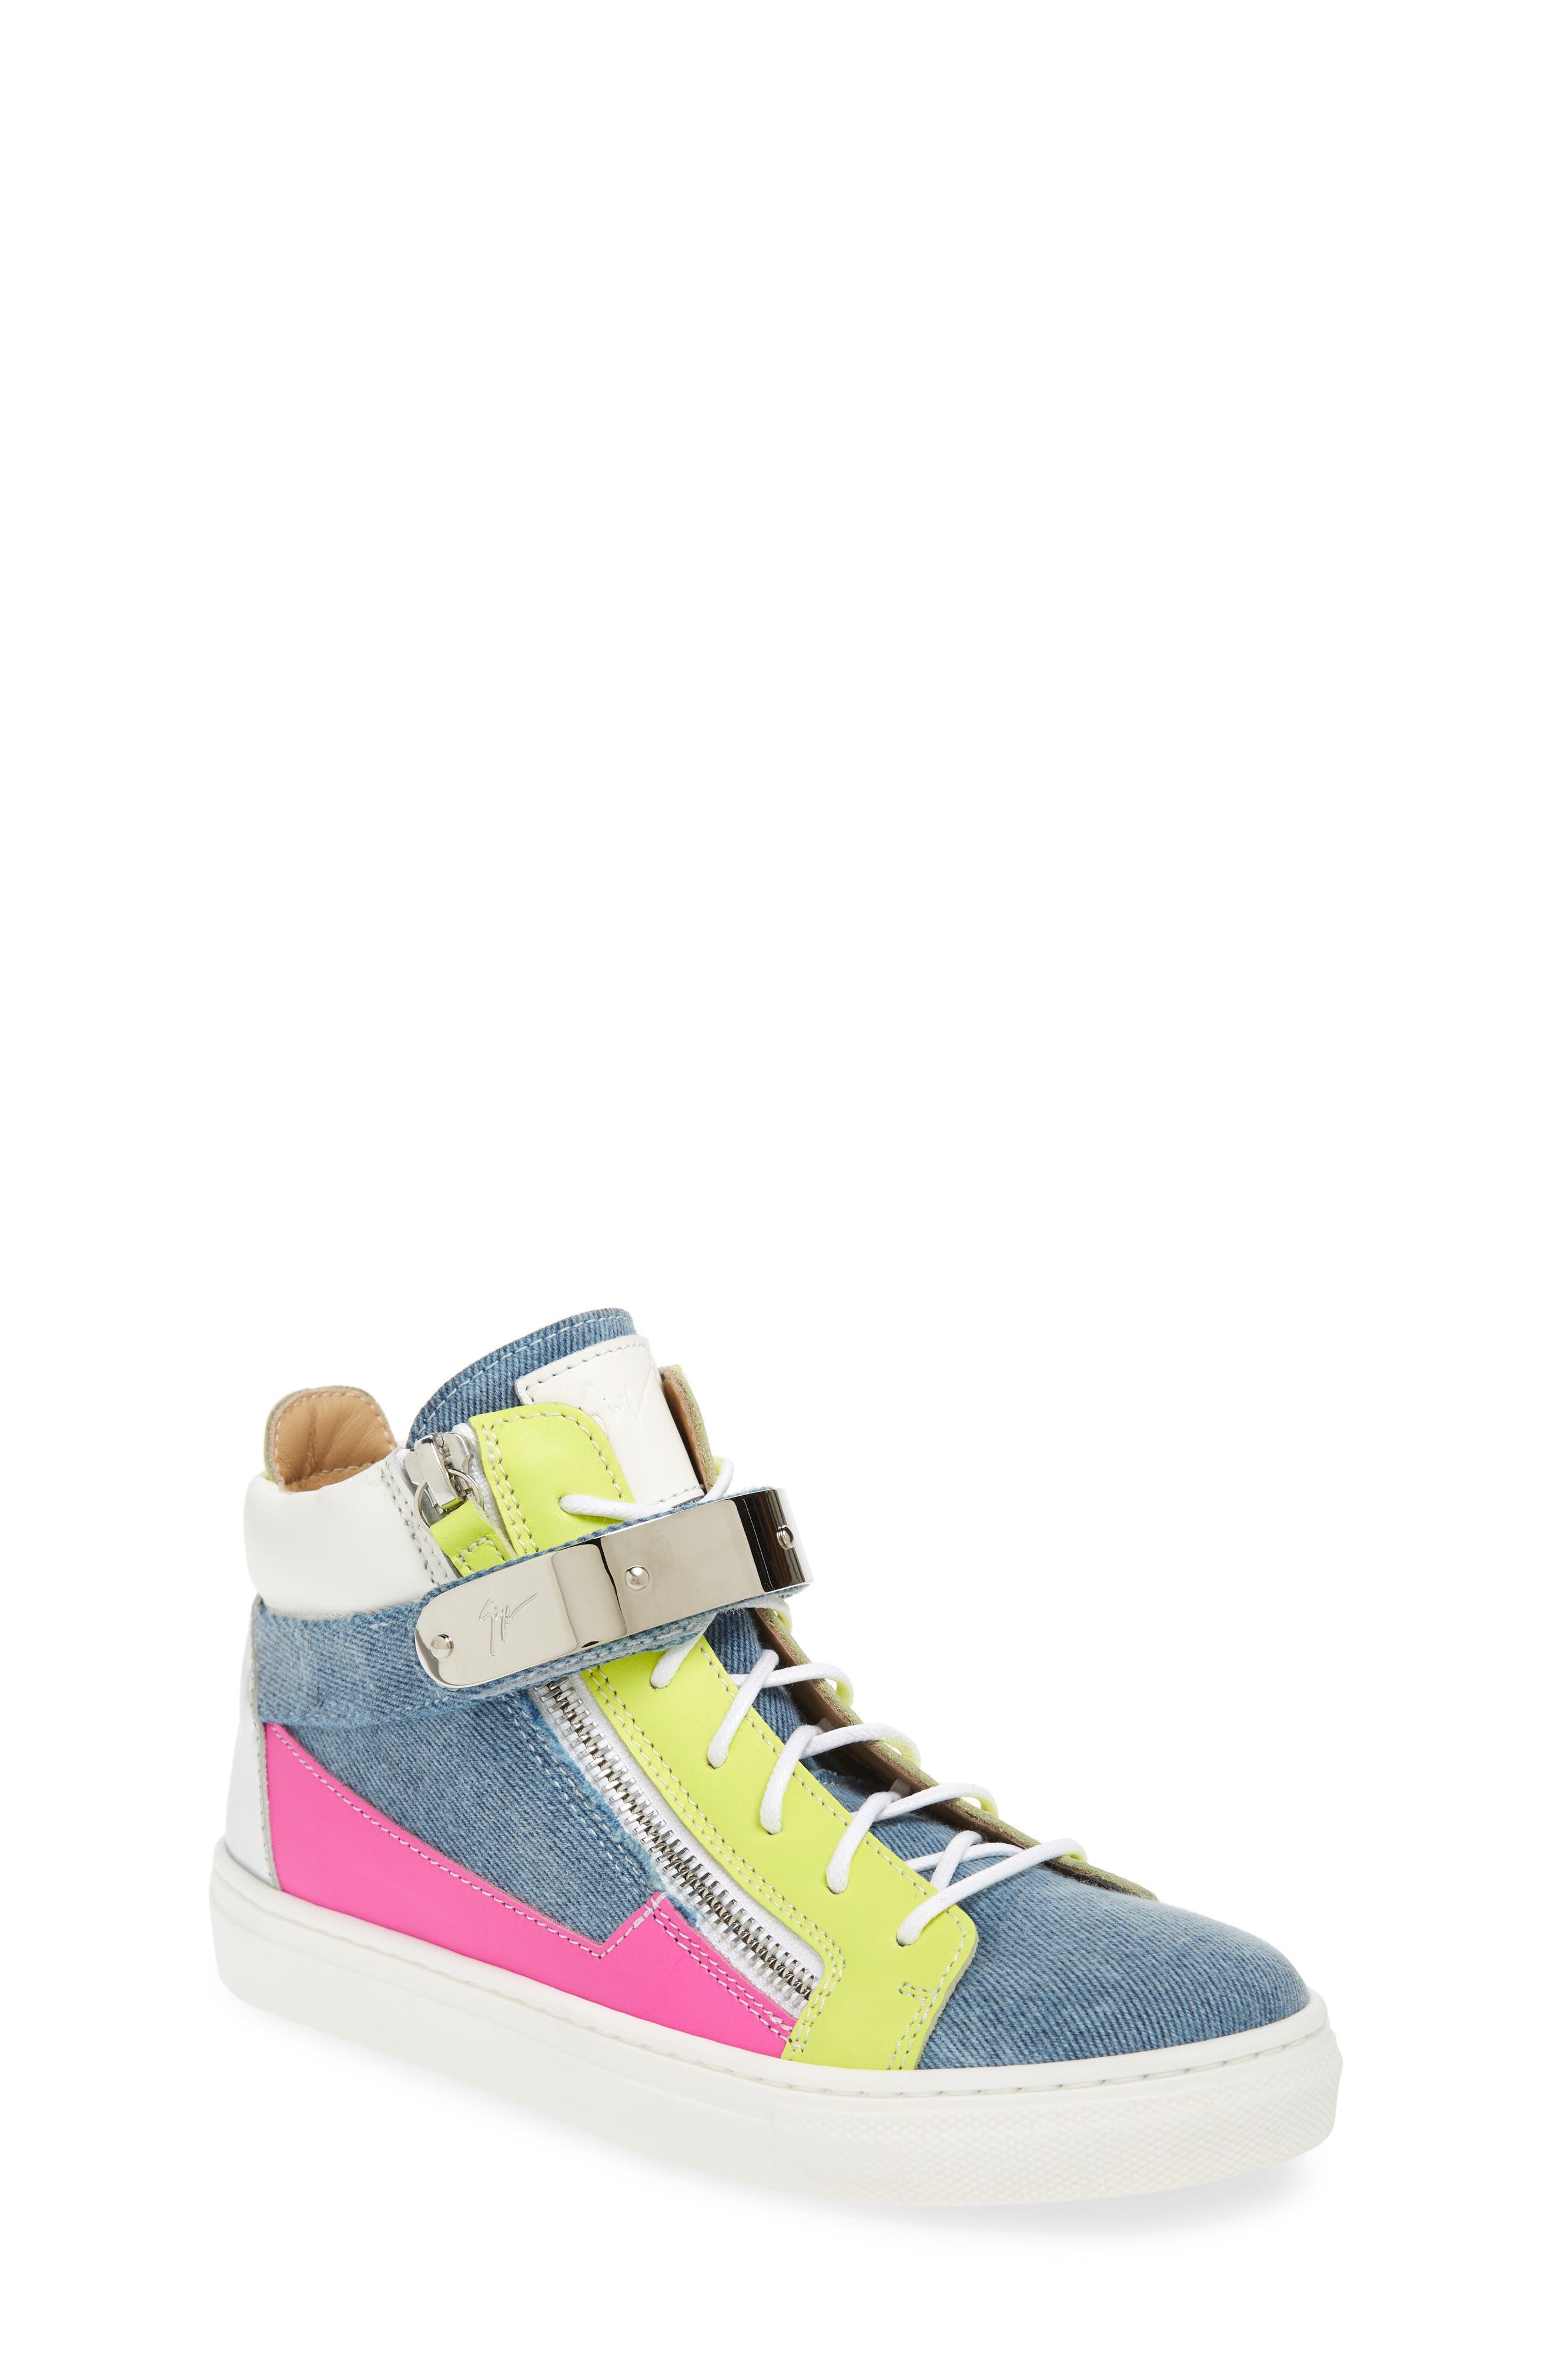 London High Top Sneaker,                         Main,                         color, 400